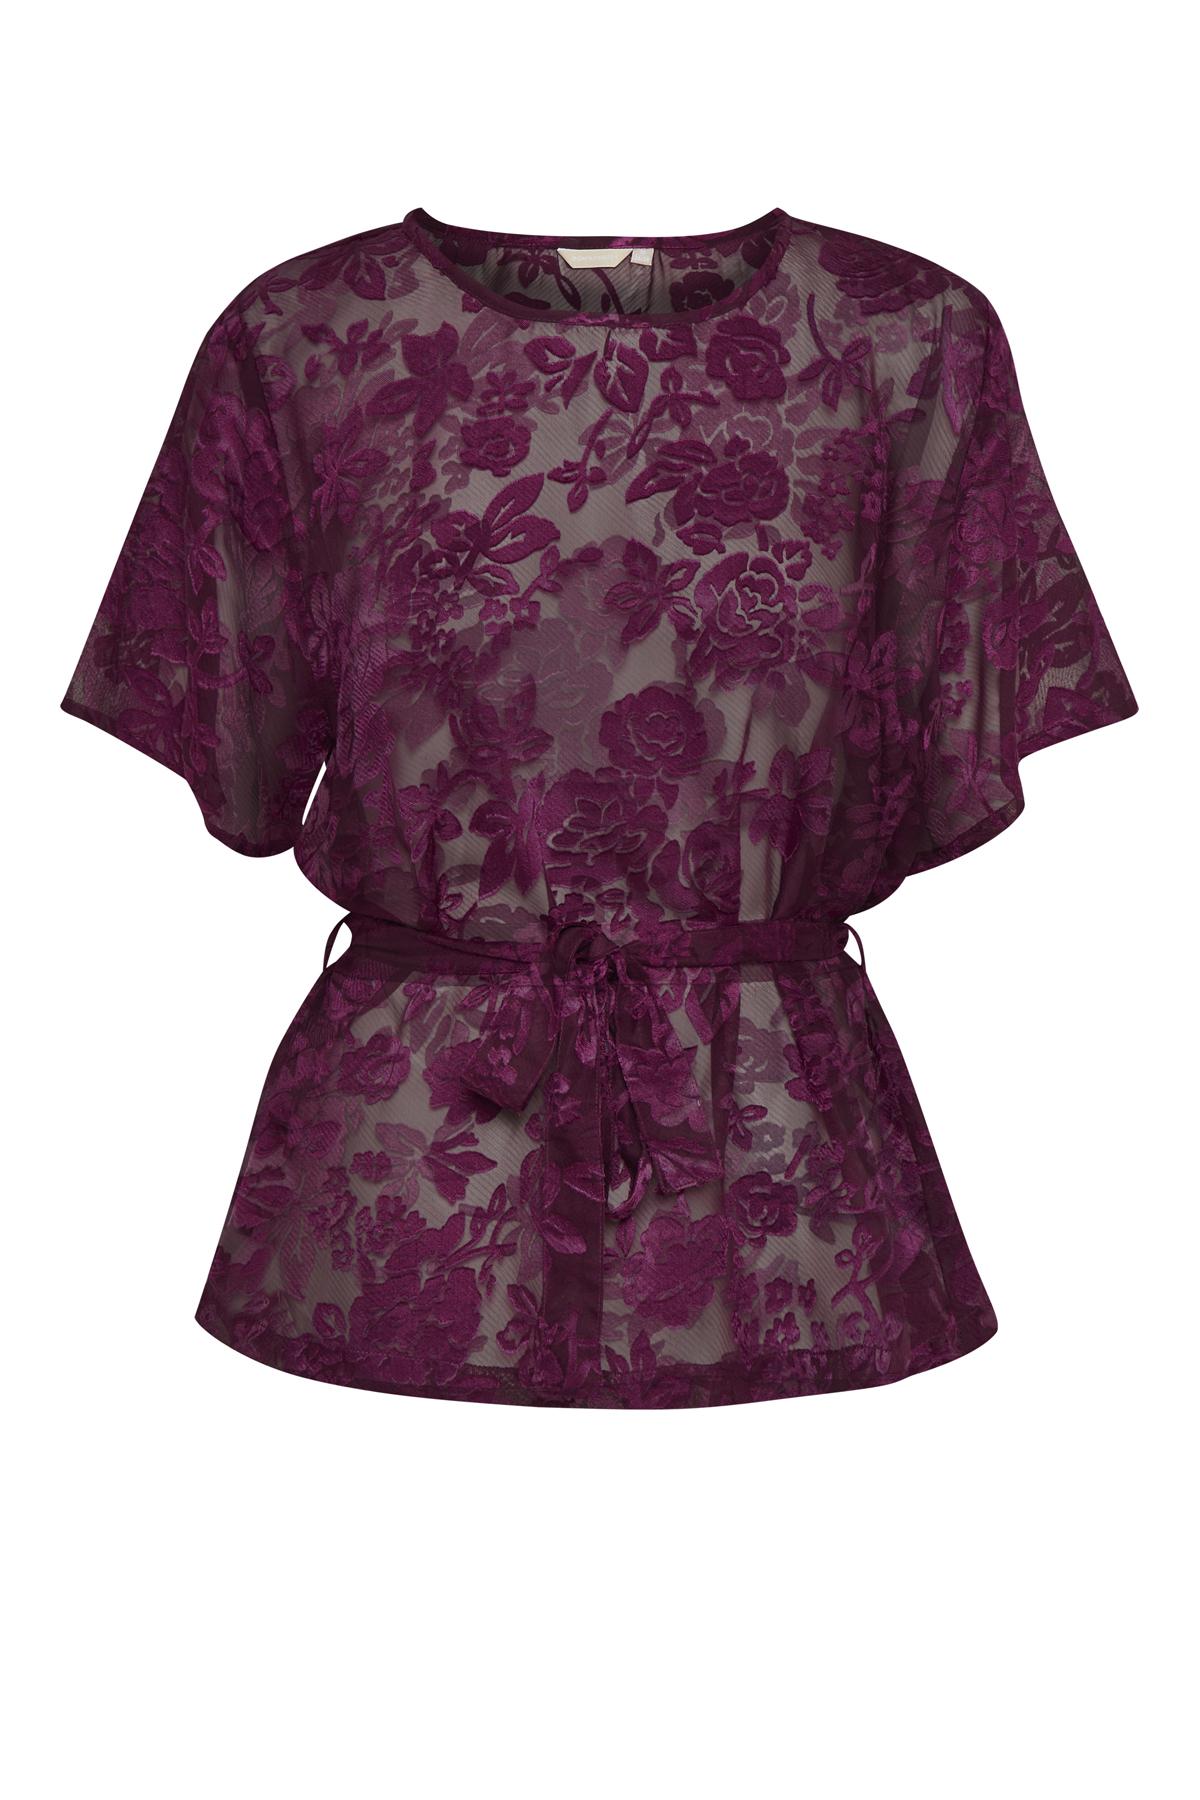 Bordeaux Kurzarm-Bluse  von Bon'A Parte – Shoppen Sie Bordeaux Kurzarm-Bluse  ab Gr. S-2XL hier